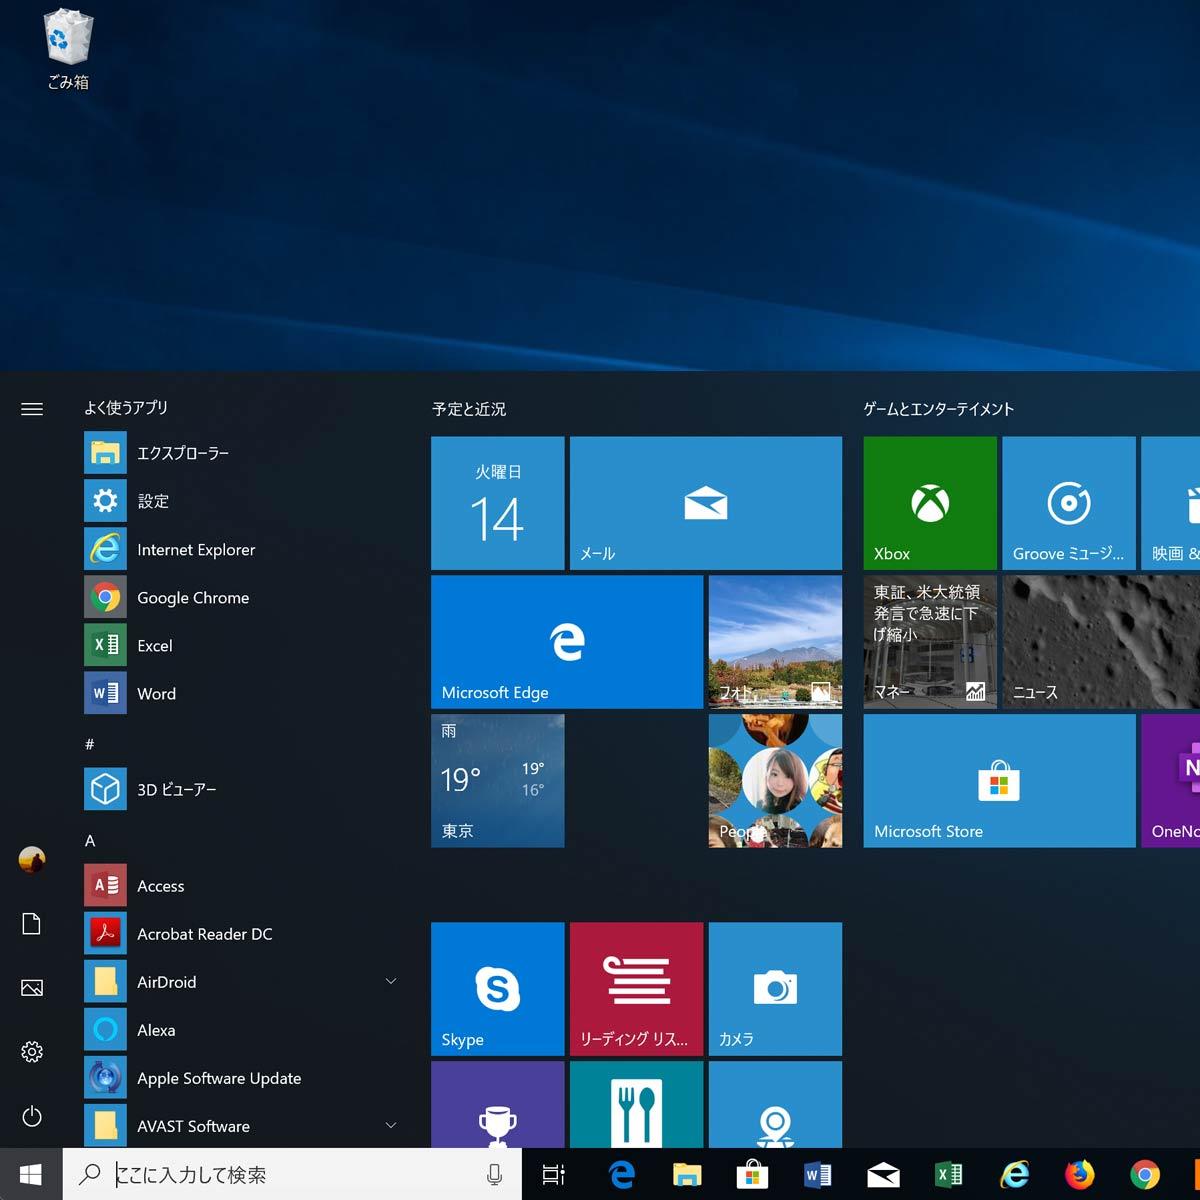 Windows 7の延長サポート終了に備える(第1回) Windows 10への移行の前にすること